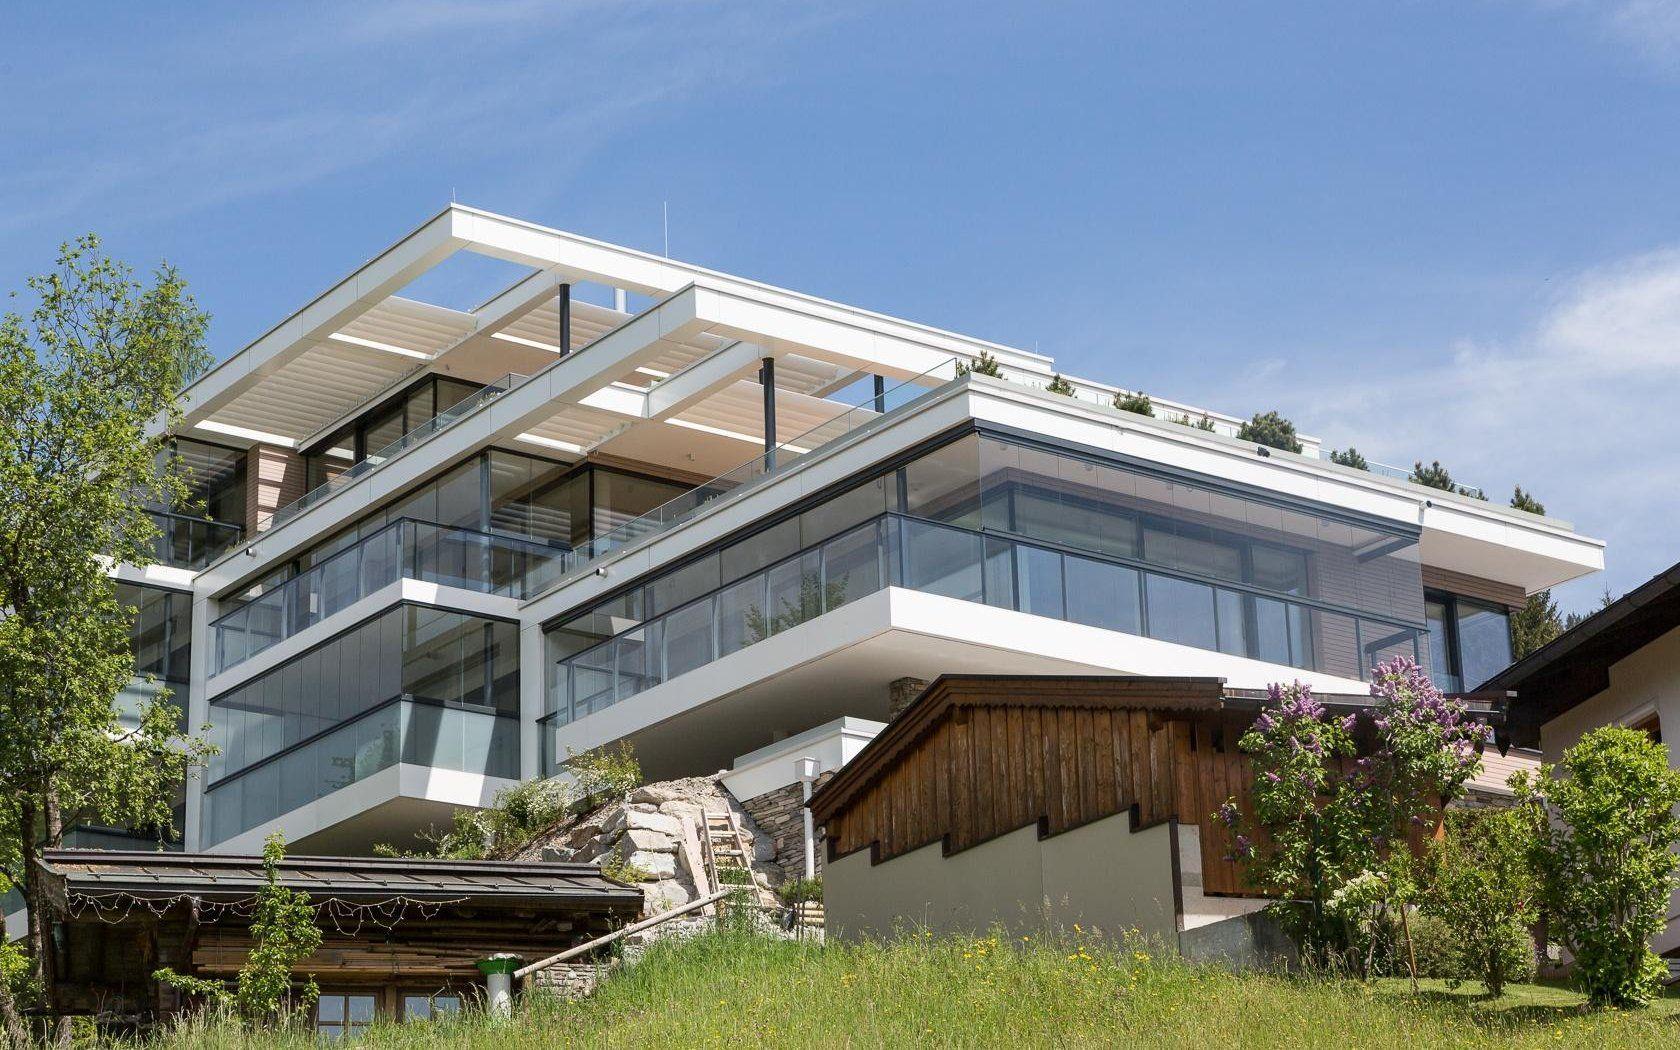 Moderne häuser mit viel glas  Modernes Terrassenhaus mit viel Glas und Licht | Terrassenhäuser ...